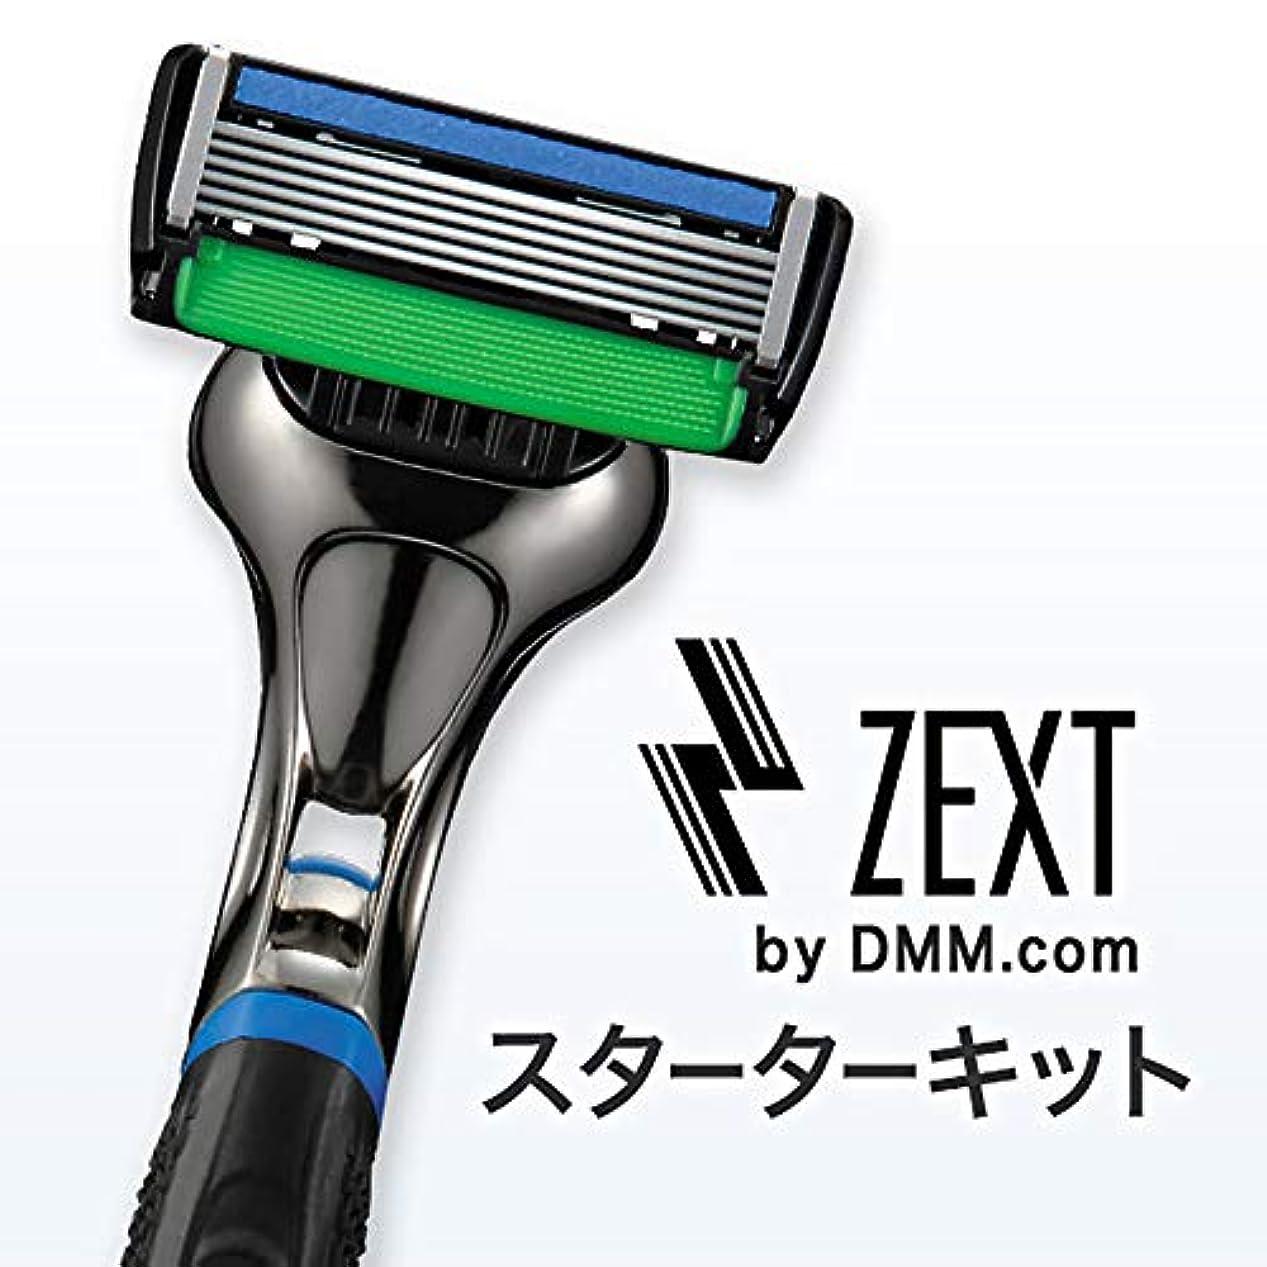 娯楽メッシュ代理店ZEXT 6枚刃カミソリ 本体替刃1個付